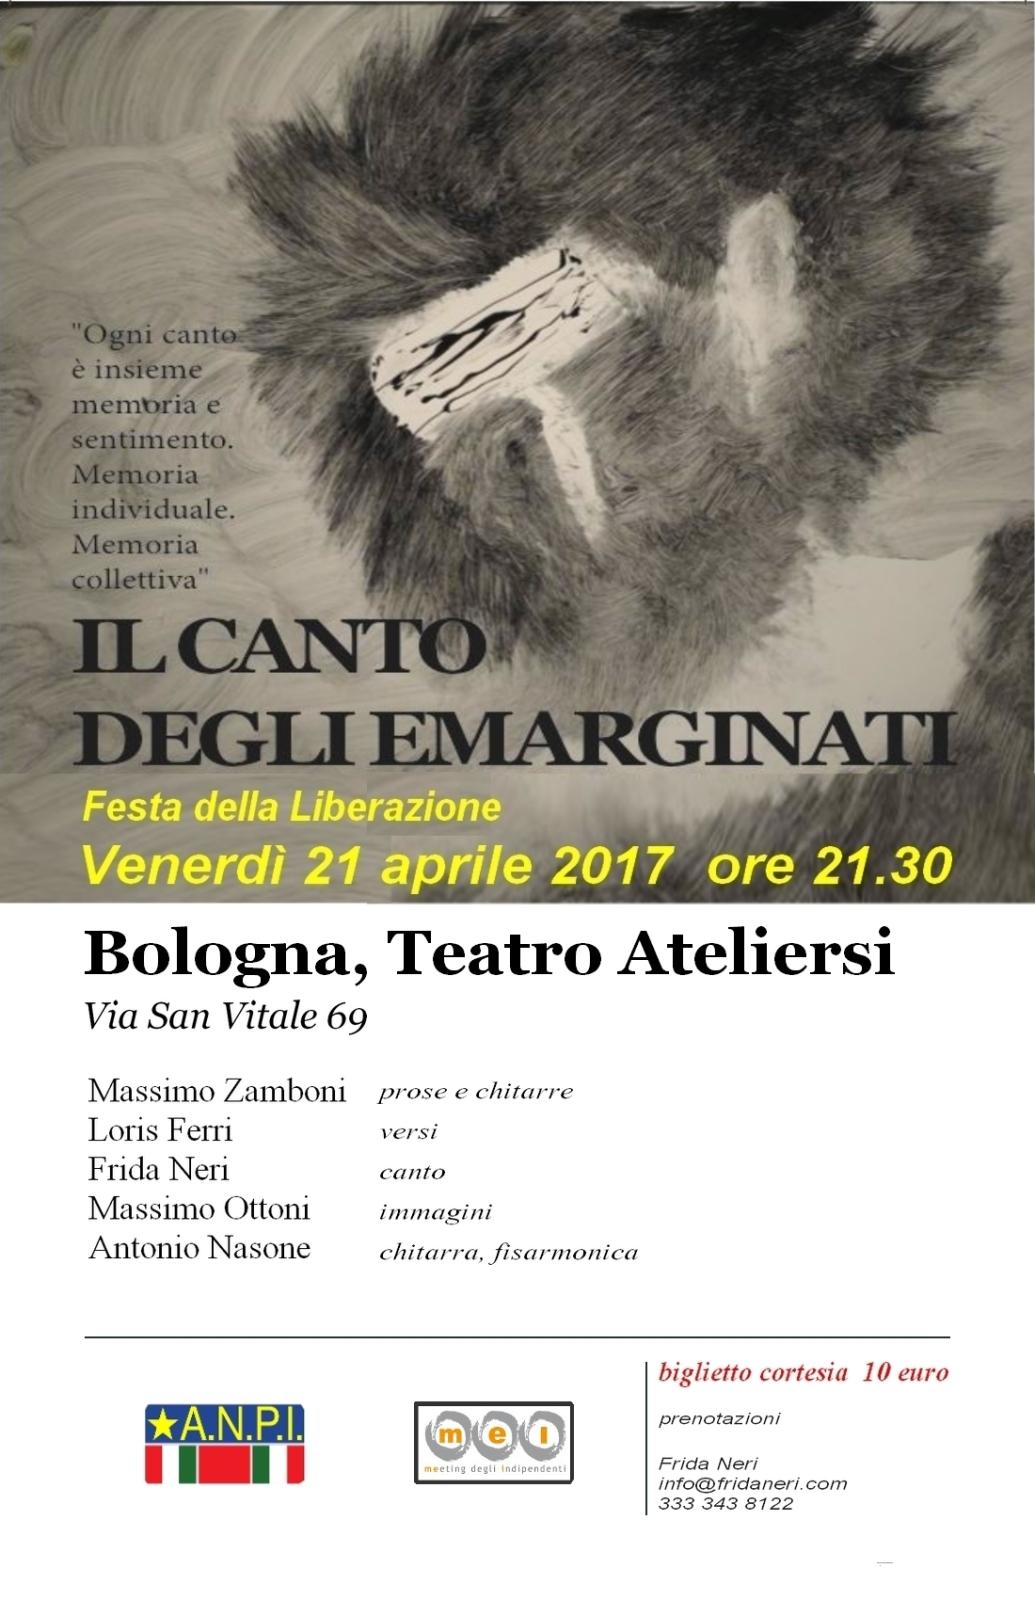 Il 21 aprile a Bologna: Il canto degli emarginati con Loris Ferri, Frida Neri e altri artisti